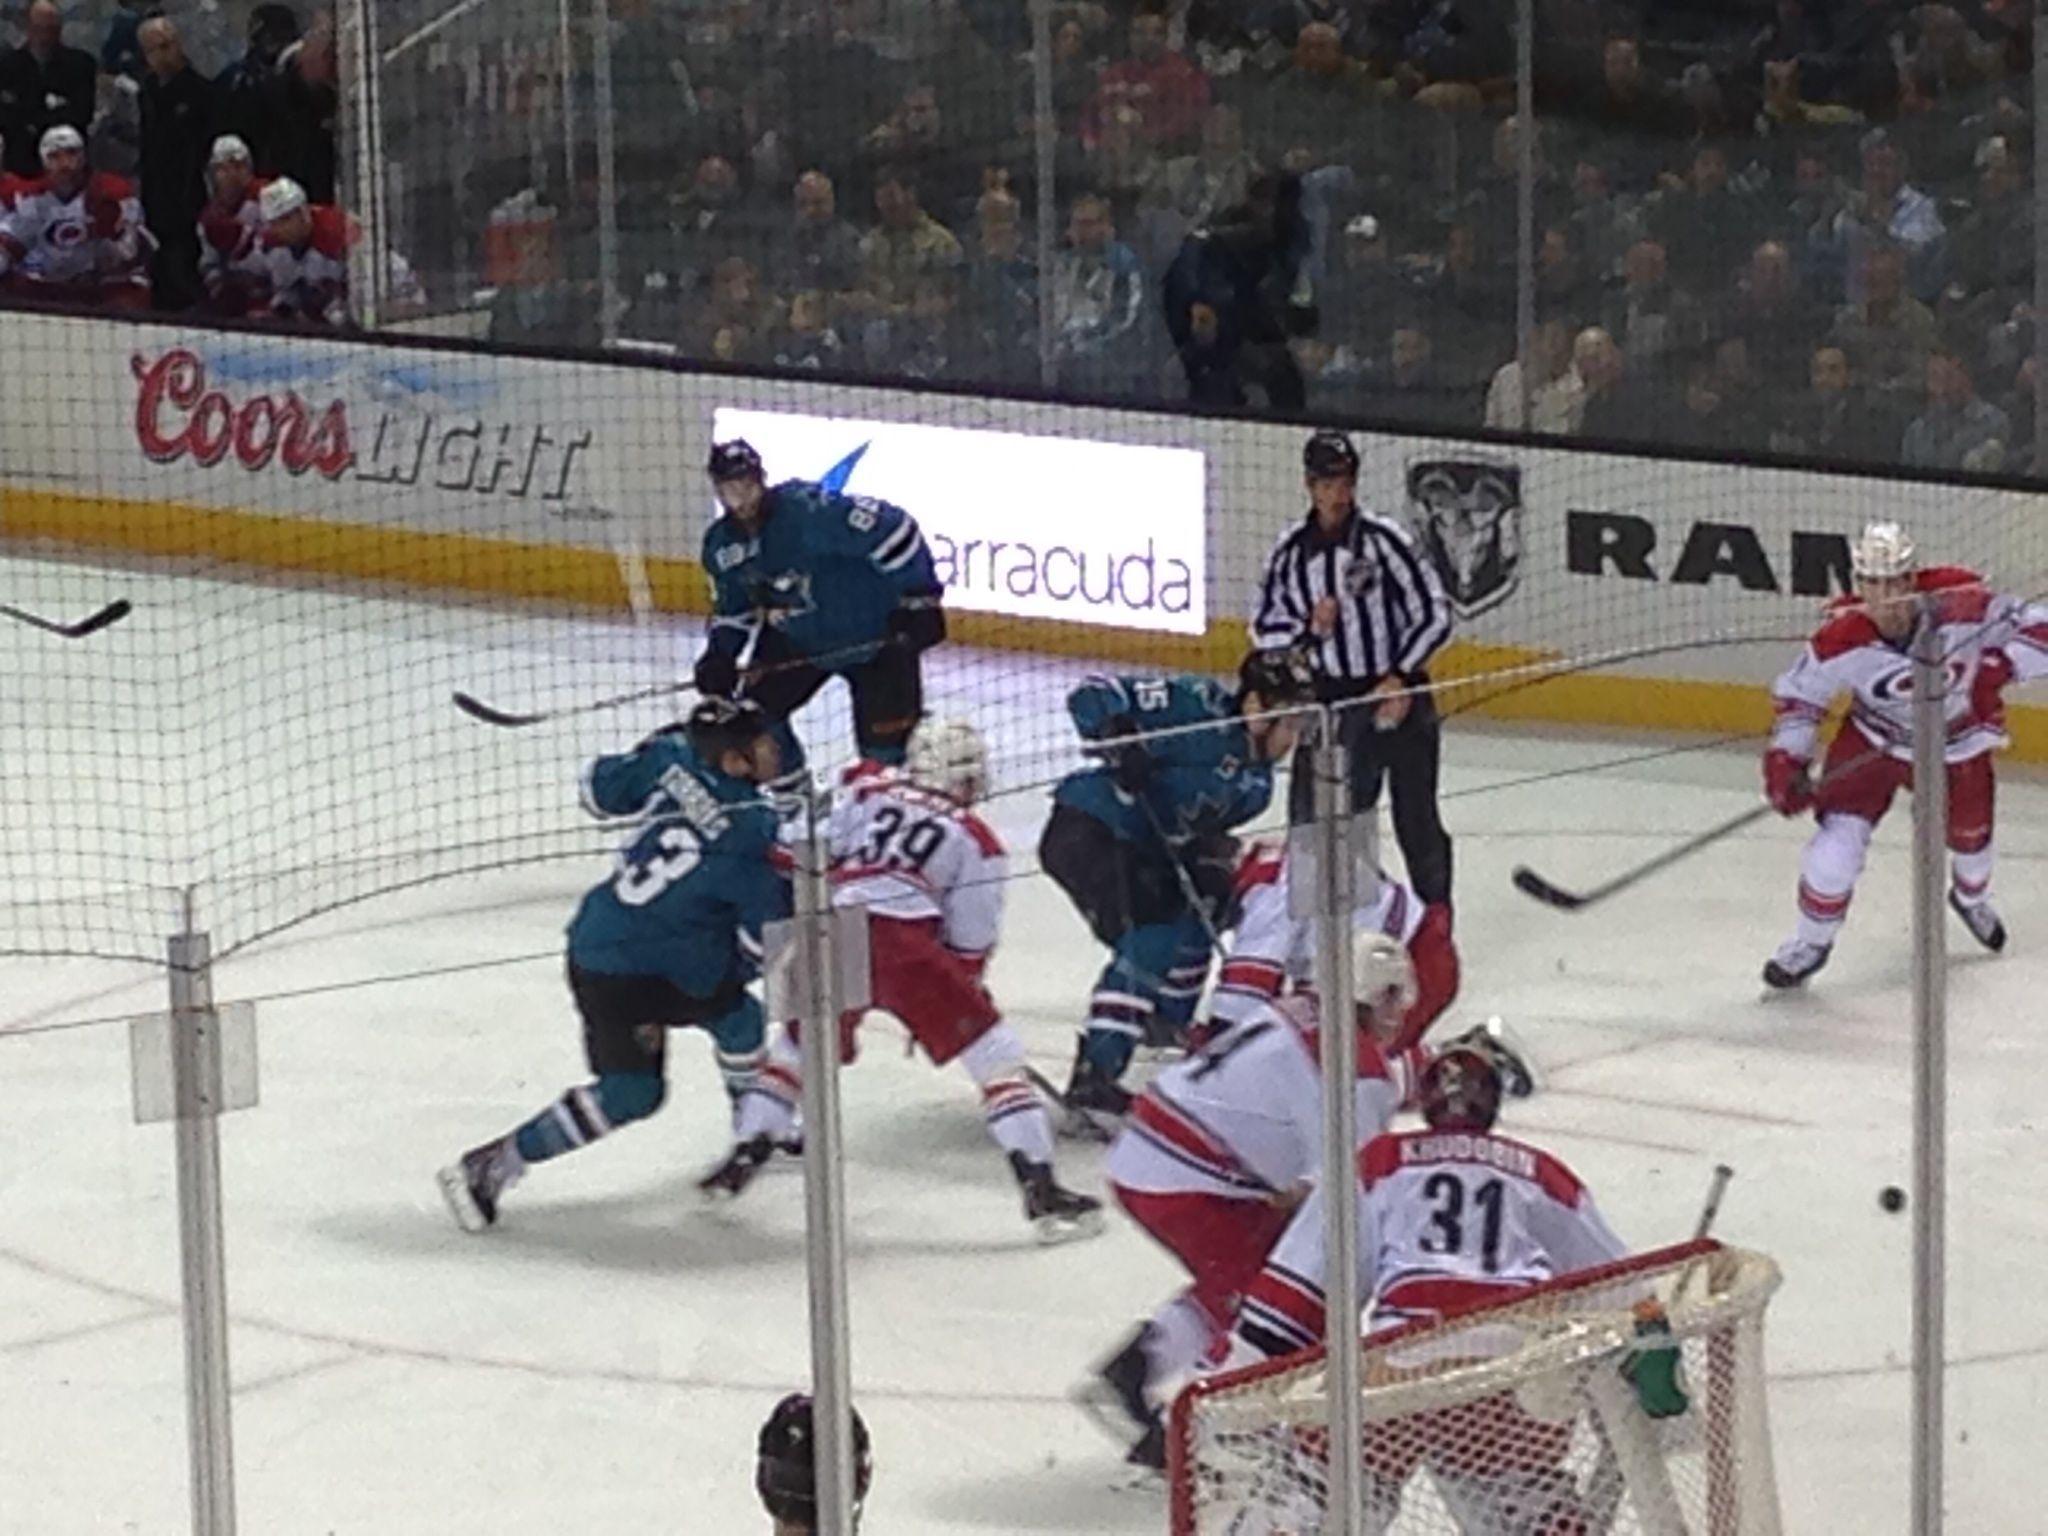 Voy juegos de deportes, como hockey sobre tiburones en los fines de semana.